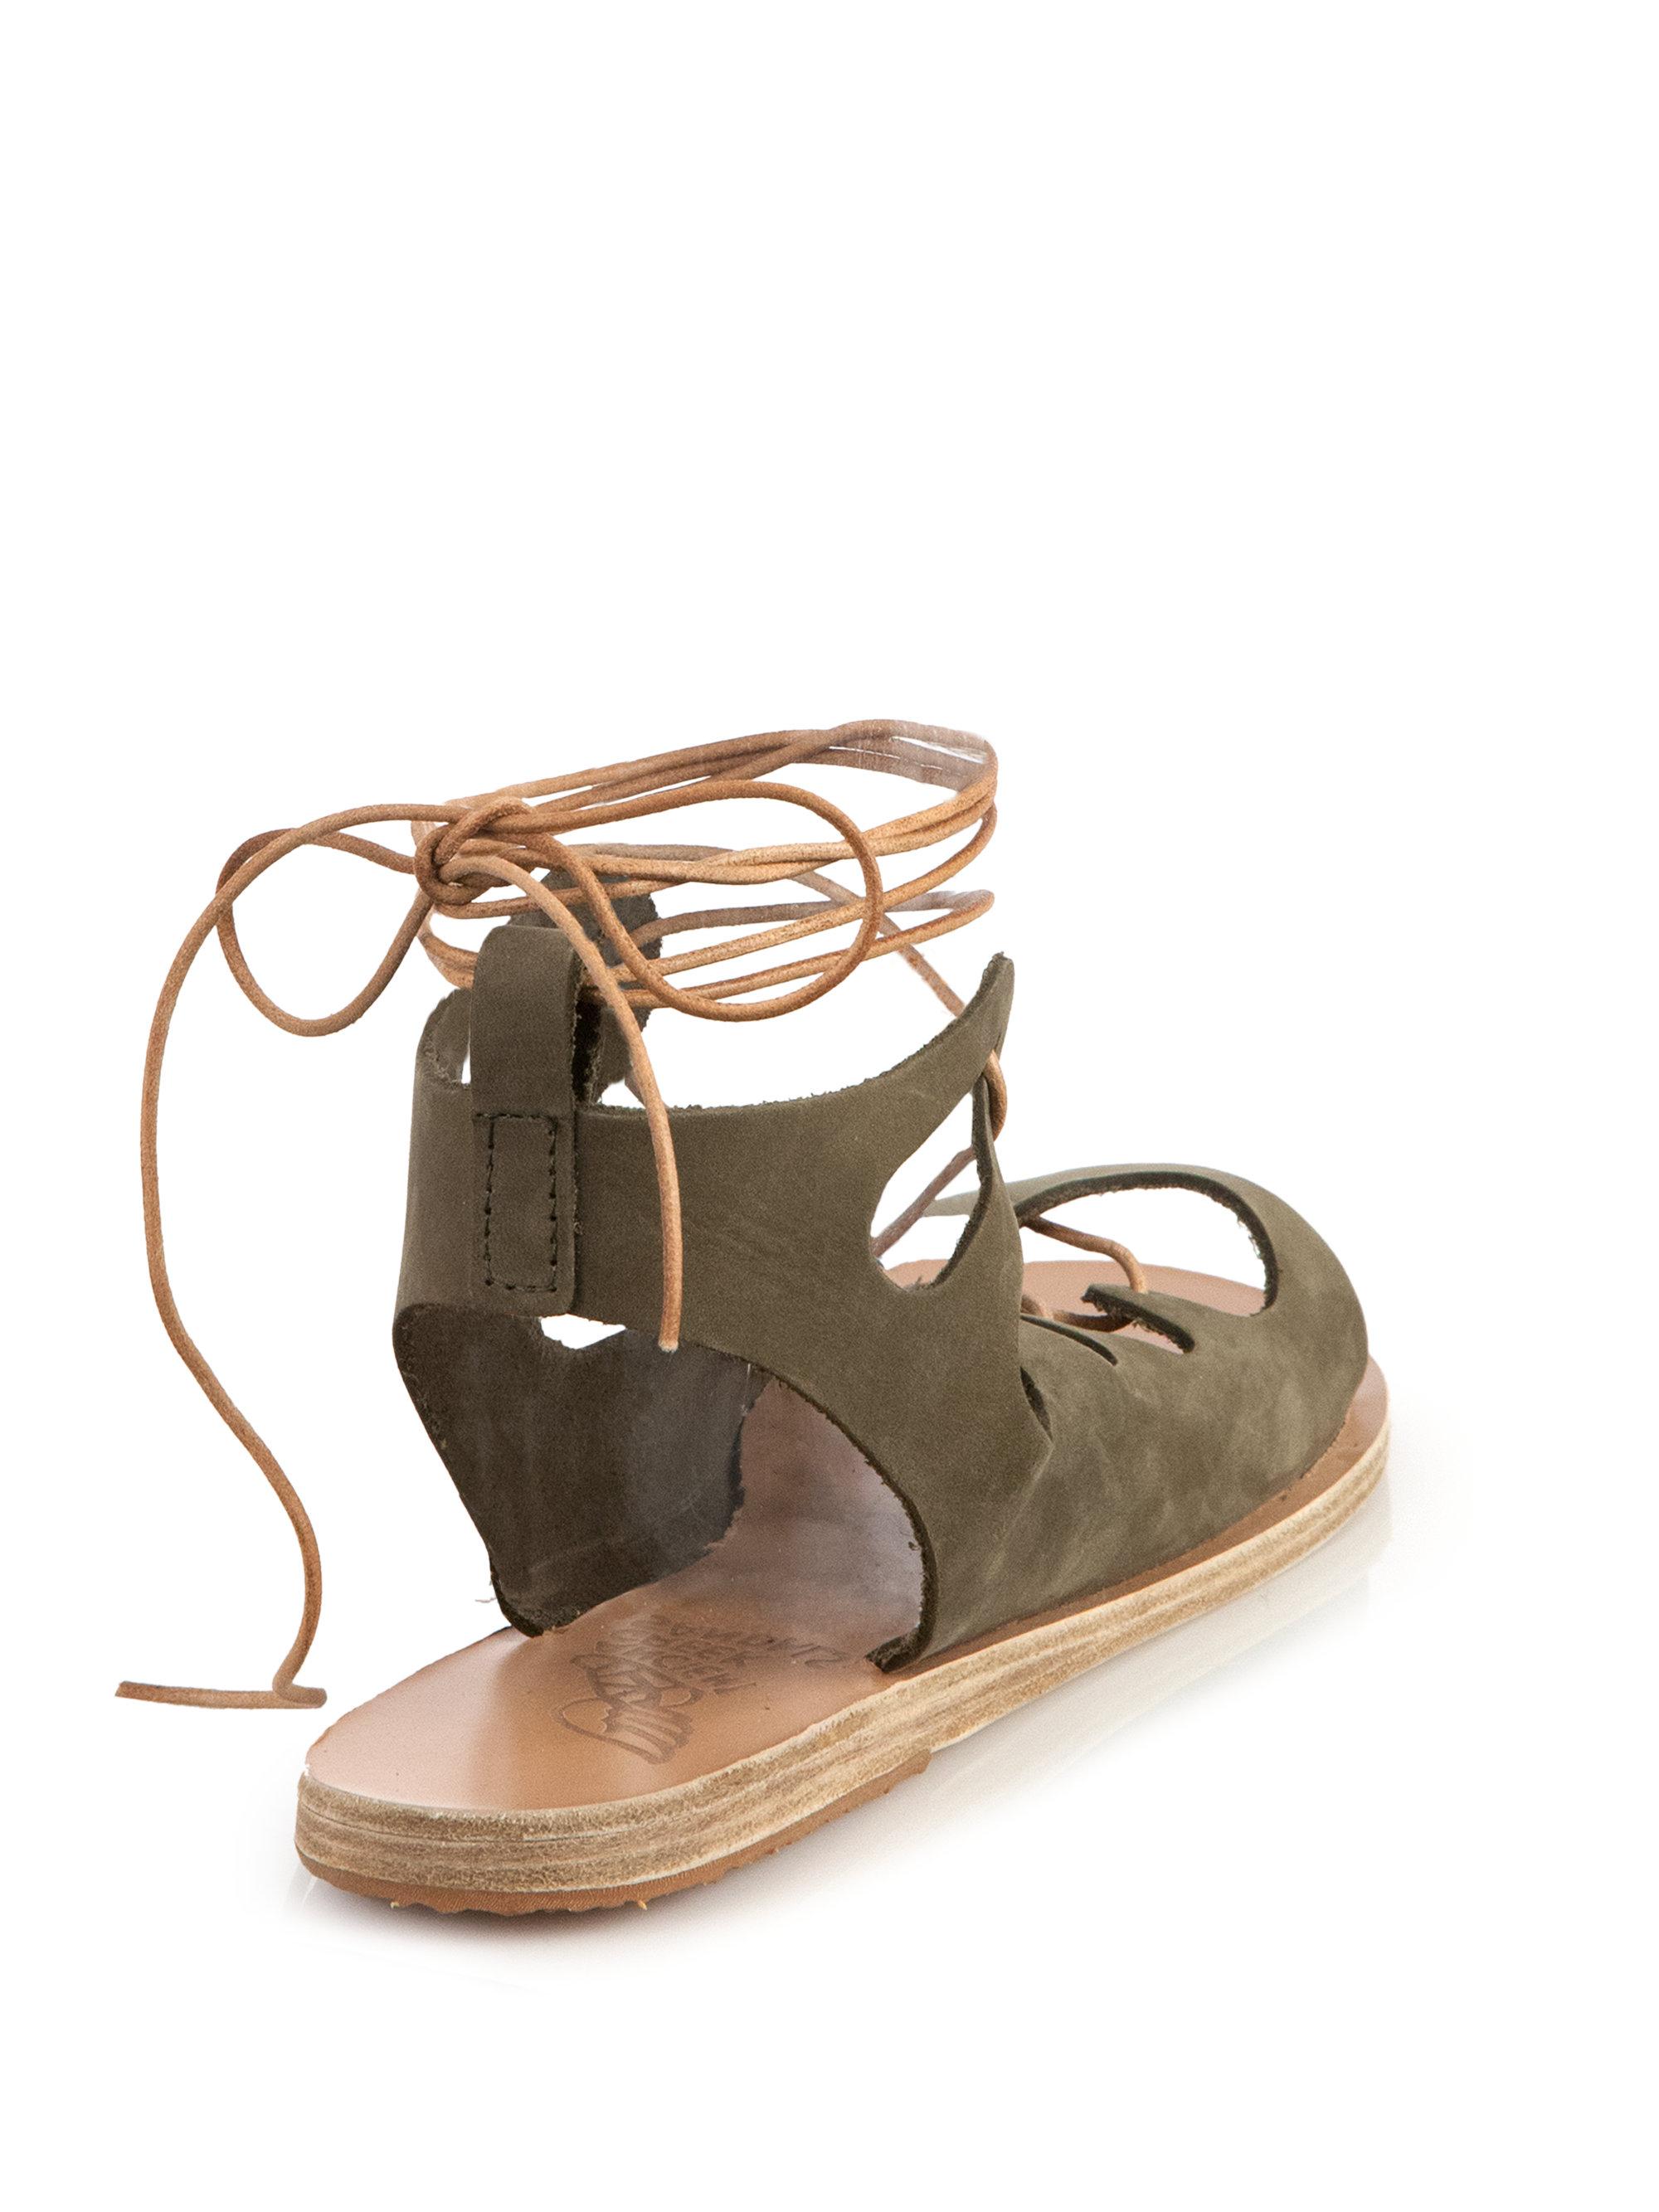 vionnet shoes #10